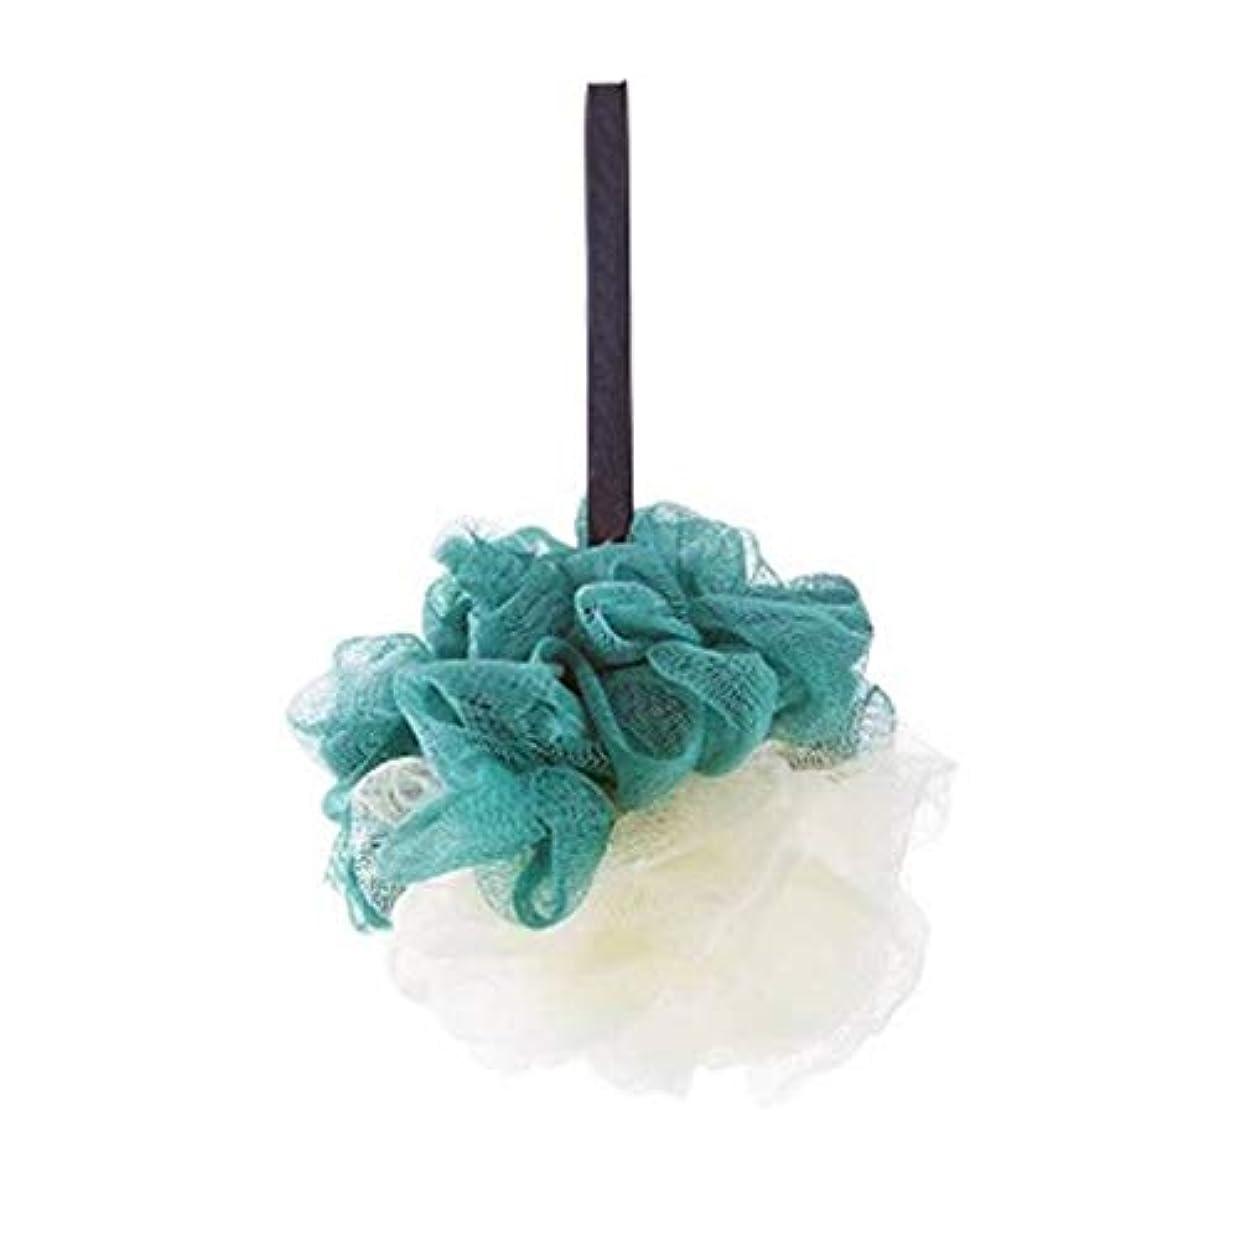 飢饉採用する回想KOROWA ダブル色ボール 超柔軟ボディースポンジ ボディウォッシュボール メッシュ 泡立てネット 風呂 背中 ボディークリーナー